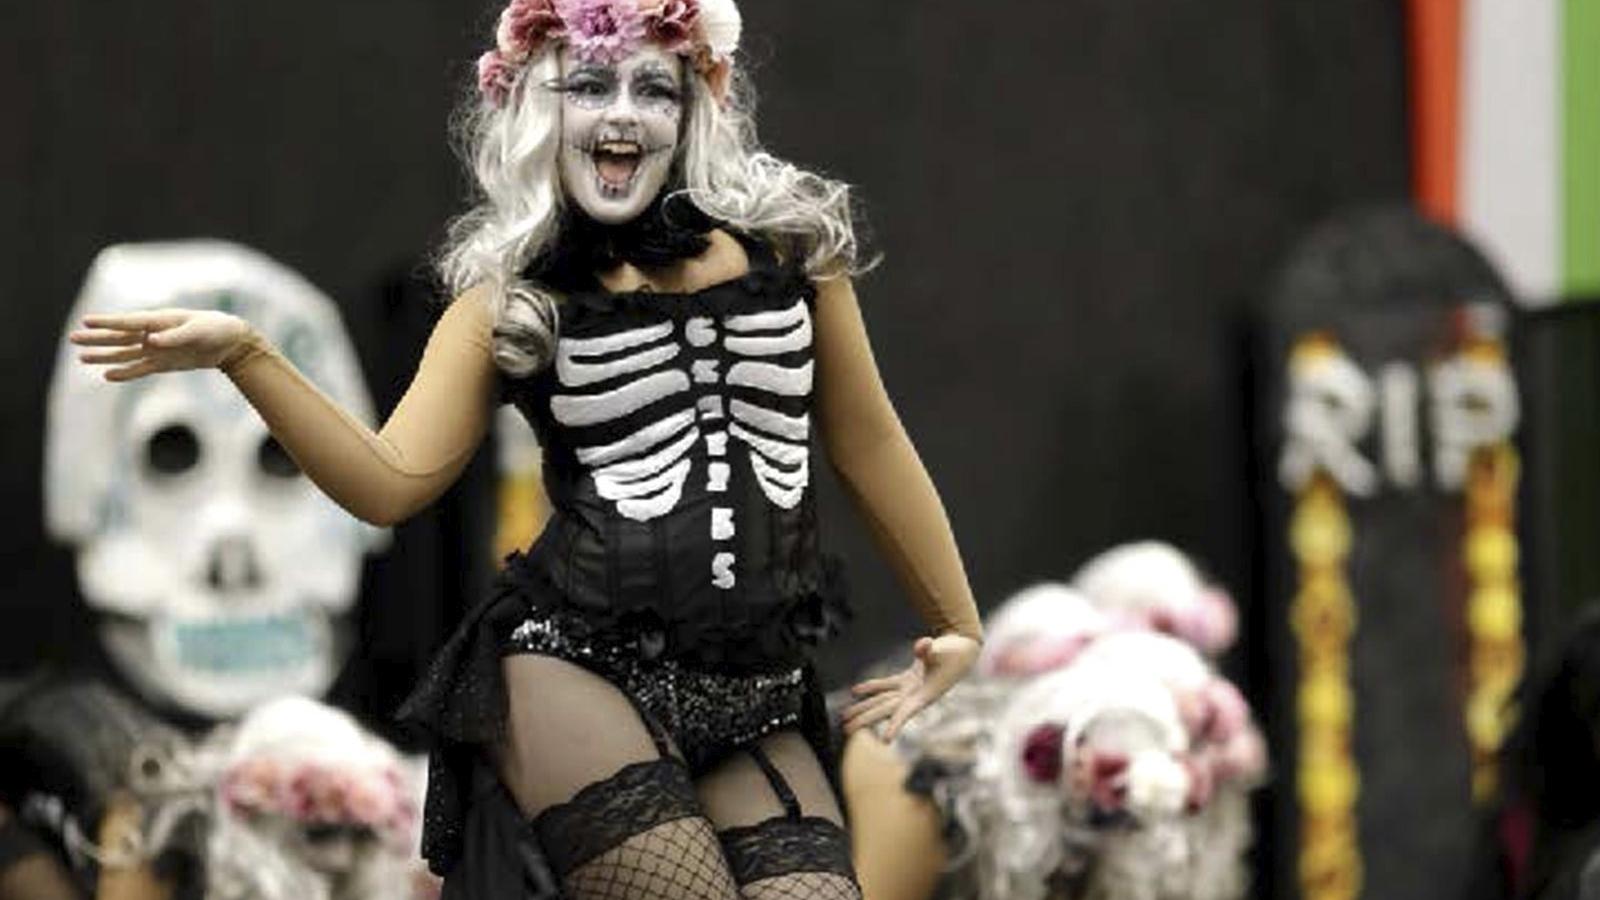 Baunataler Tanztage, GCG, Großenritter Carnevals Gemeinschaft